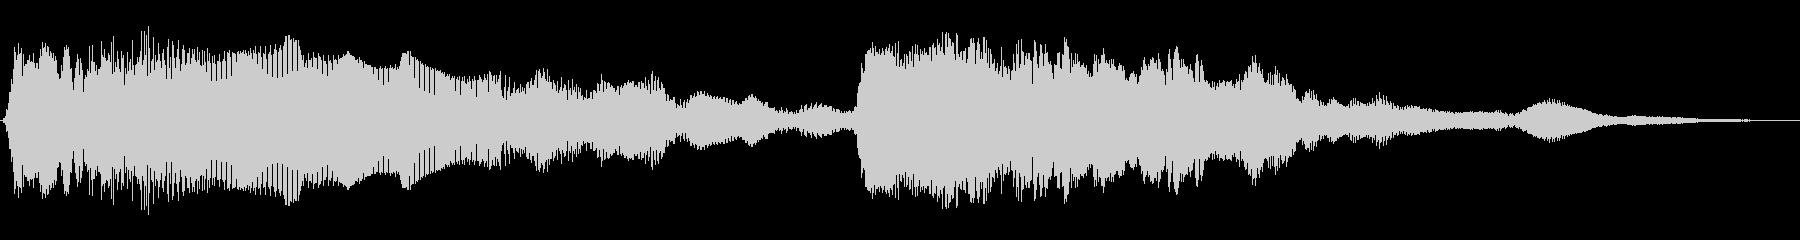 パワーバンドスイープ1の未再生の波形